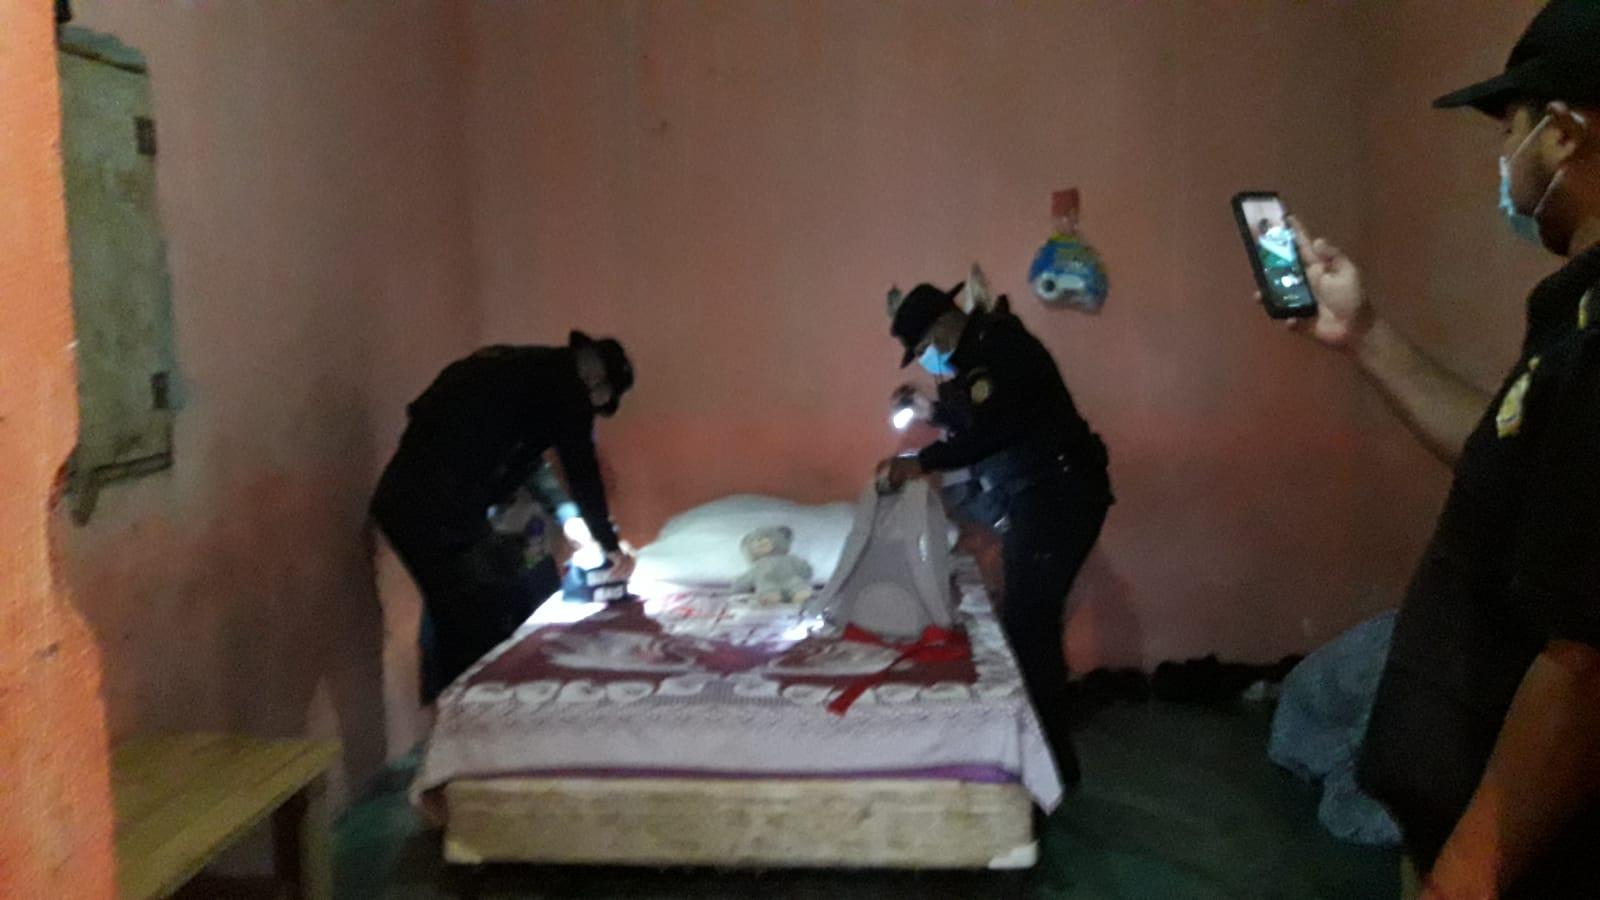 Fuerzas de seguridad buscan a presuntos agresores y lo encontraron durante operativos en Escuintla - Prensa Libre